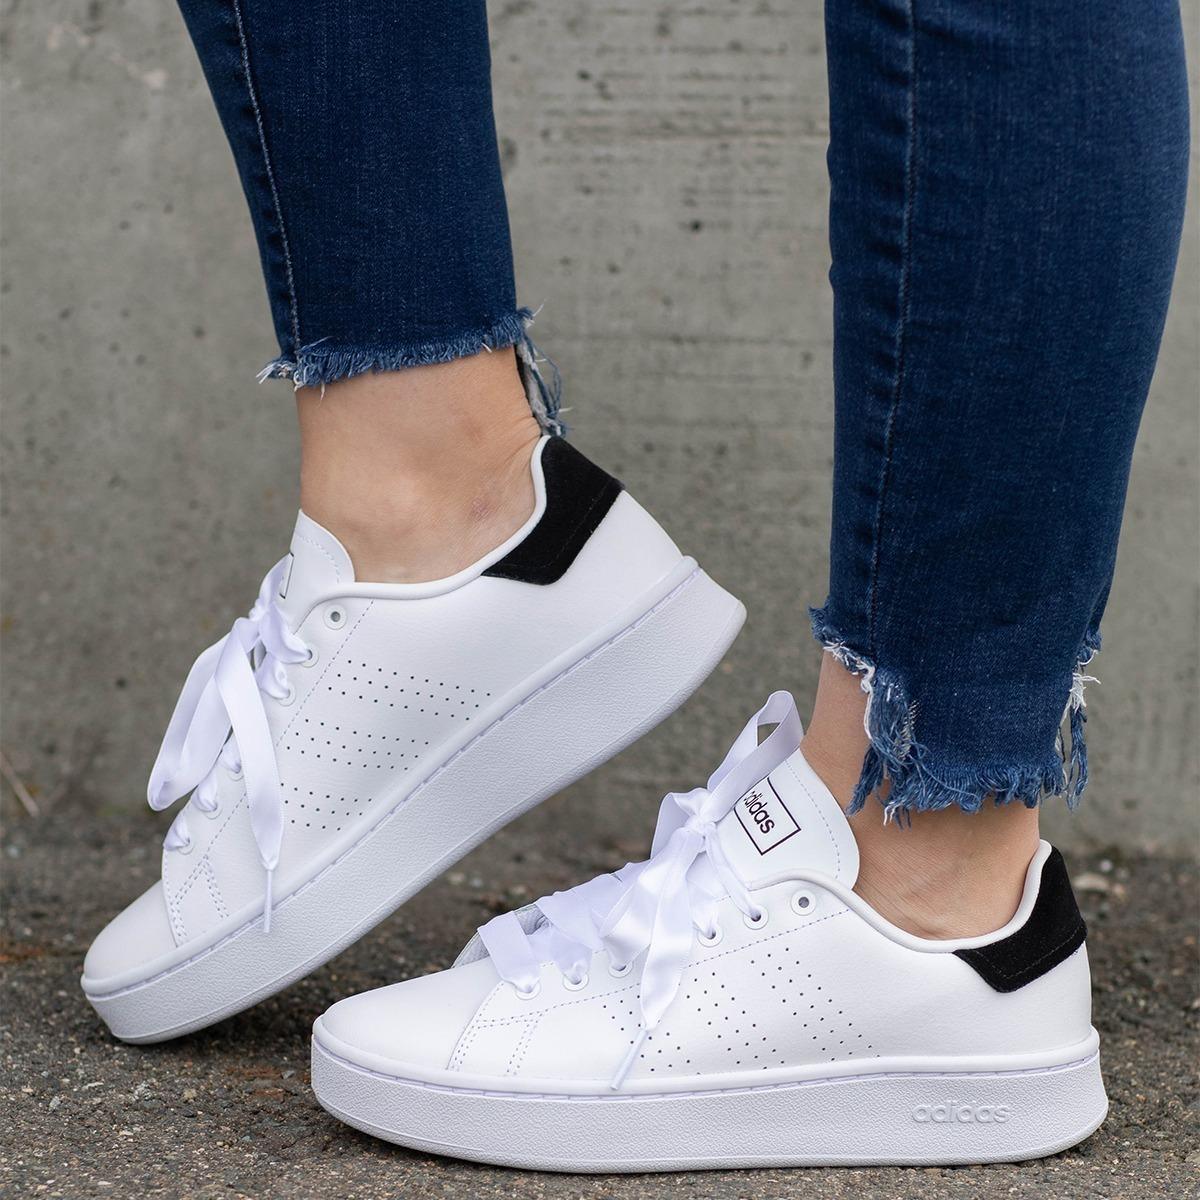 Tenis adidas Advantage Bold Blanco Tallas De #23 A #26 Mujer